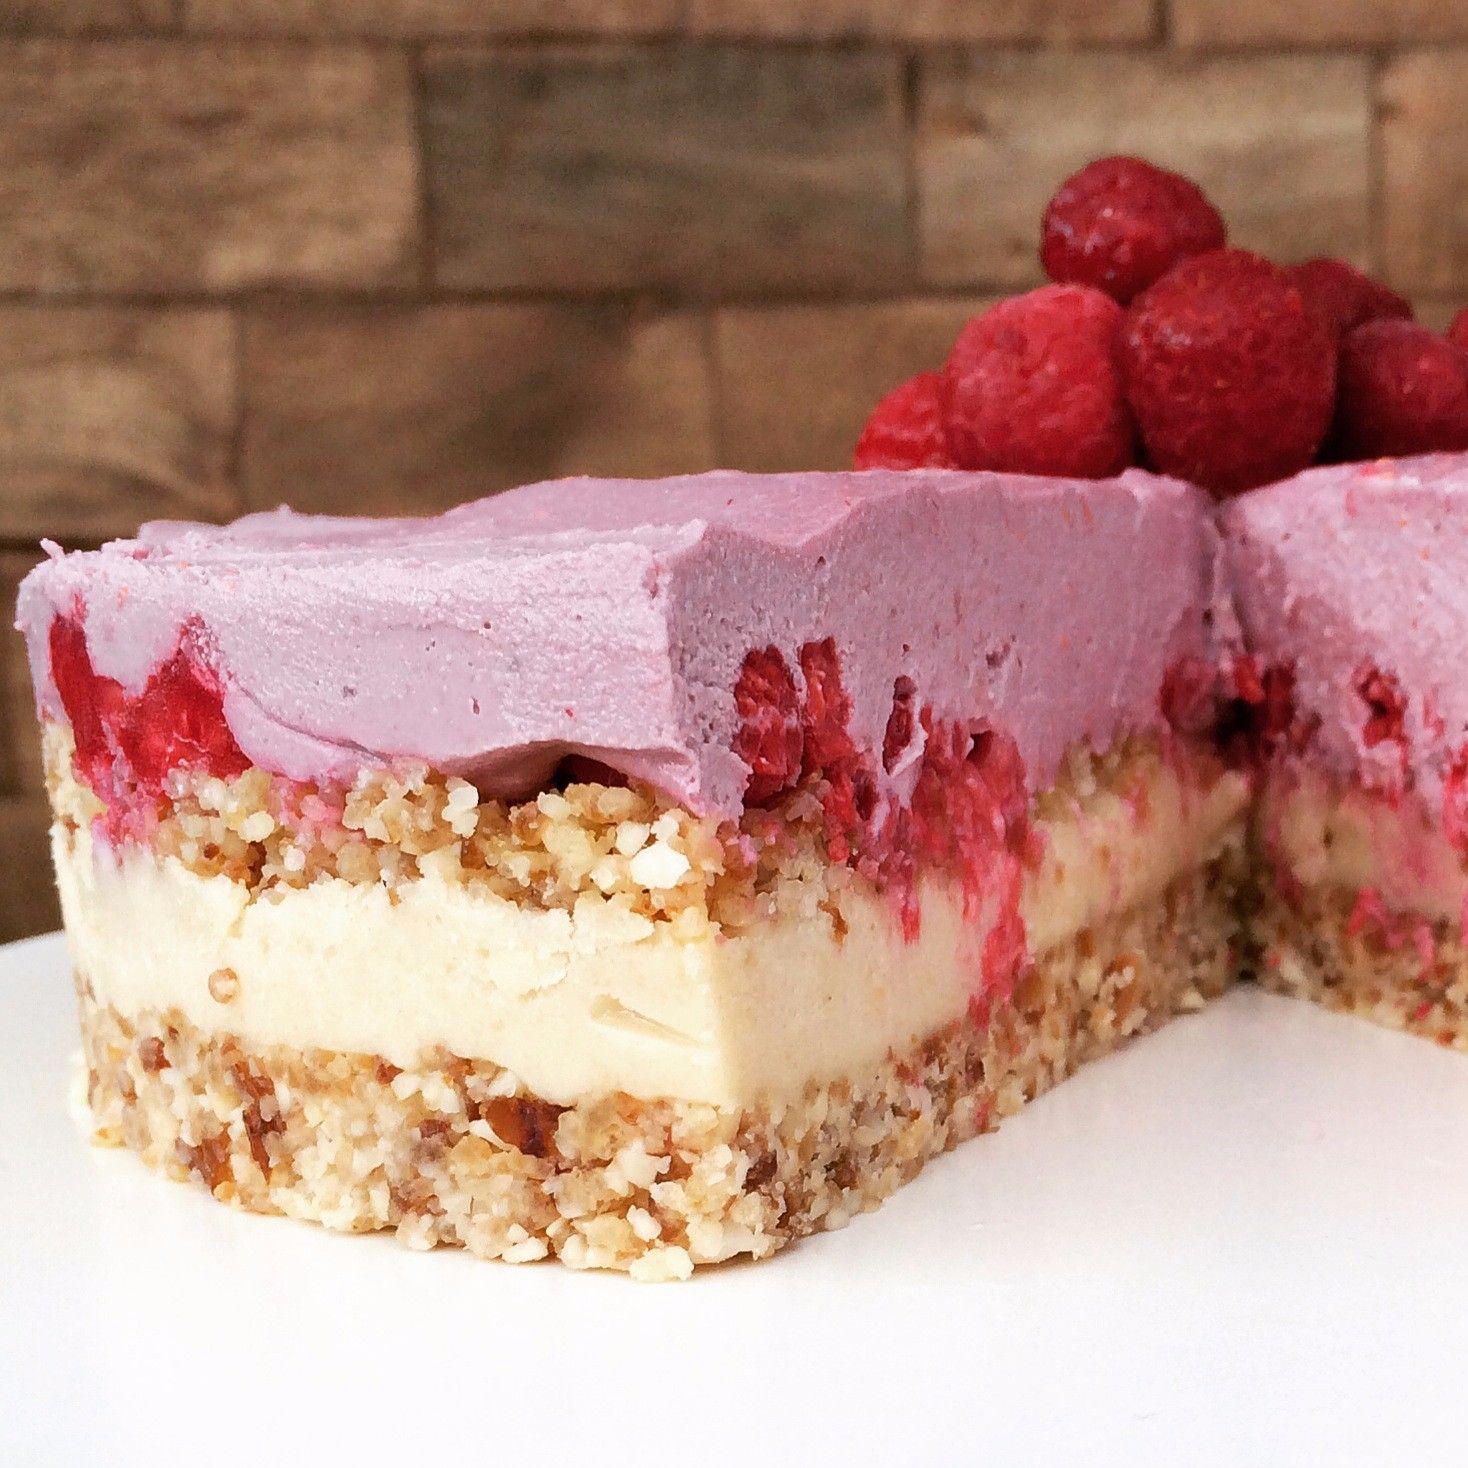 Onwijs Raw cheesecake met frambozen Ben & Jerry's style (met afbeeldingen OX-73